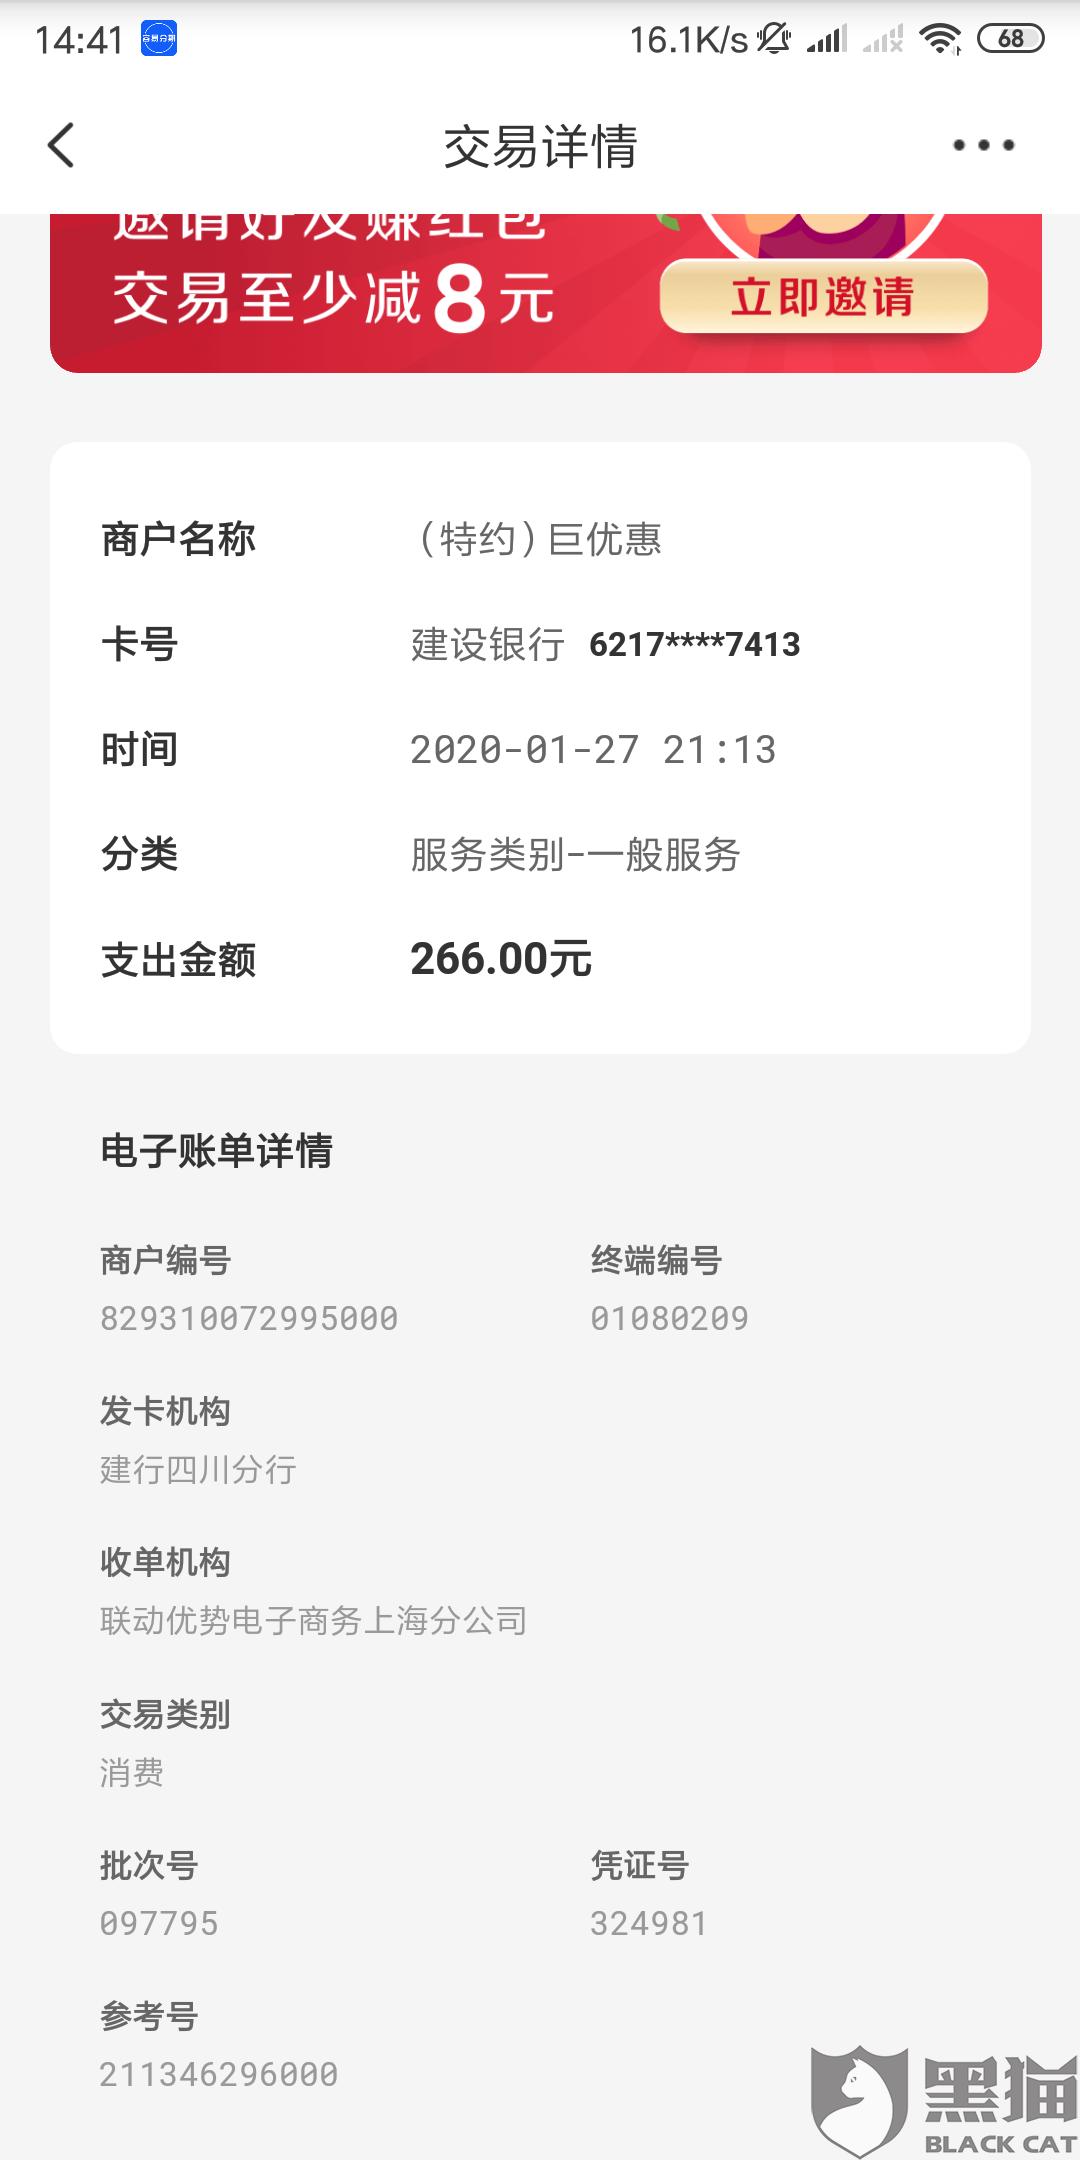 黑猫投诉:连连惠普推荐APP《容易分期》 绑定银行卡后私自从卡中扣266元并且无提示